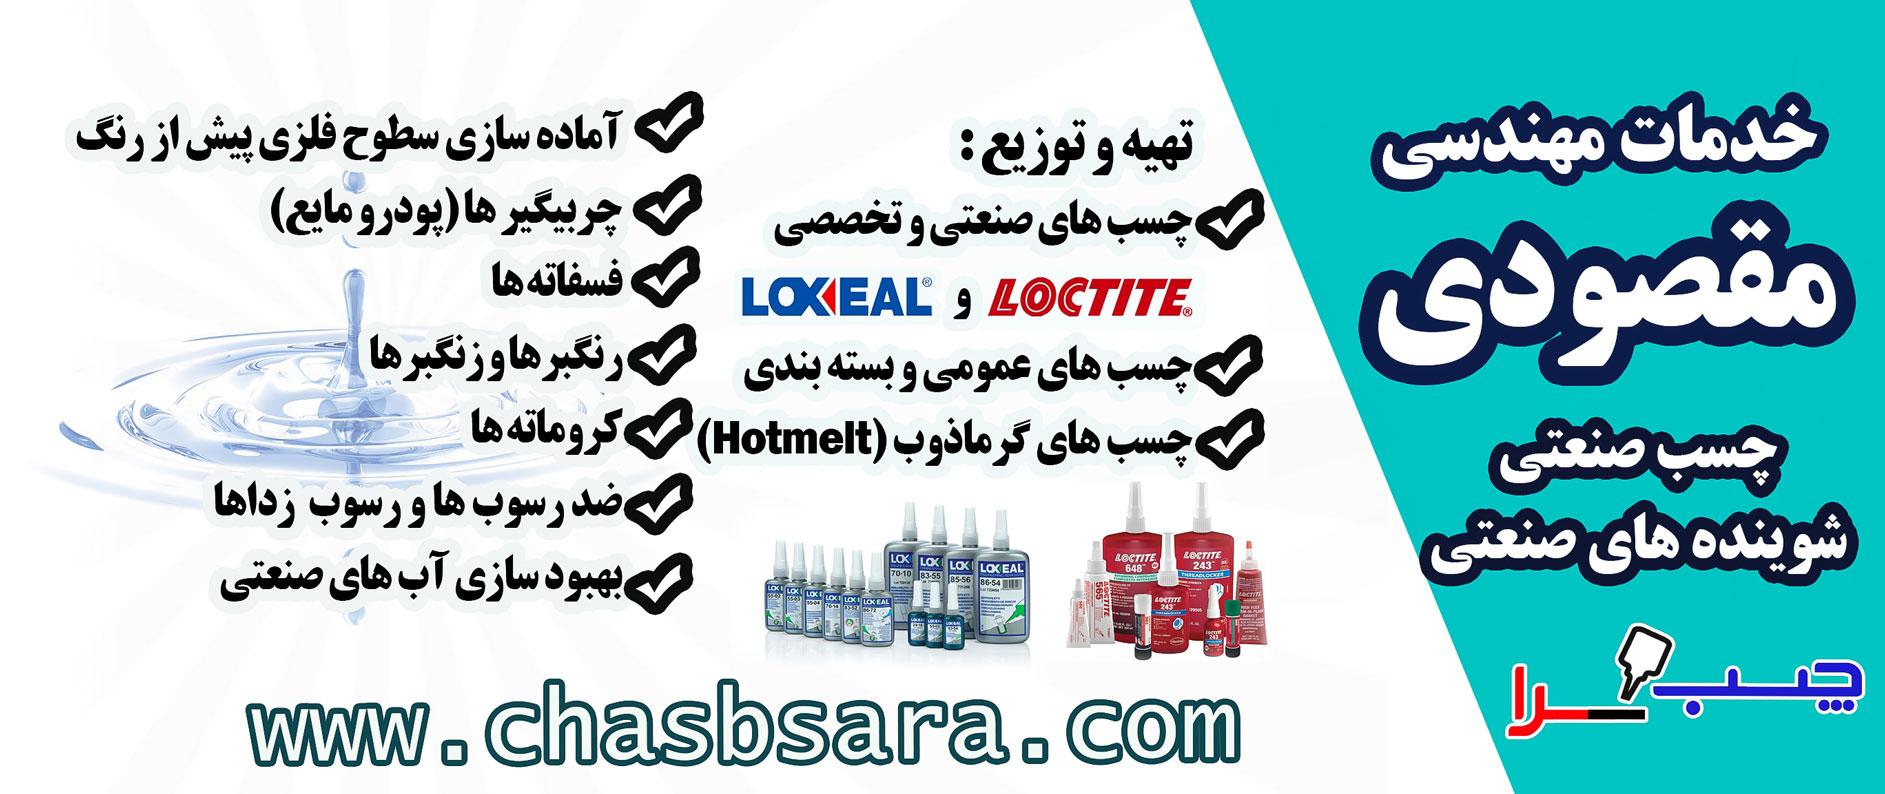 8 - چسب واشرساز دما بالای لاکسیل loxeal 59-10